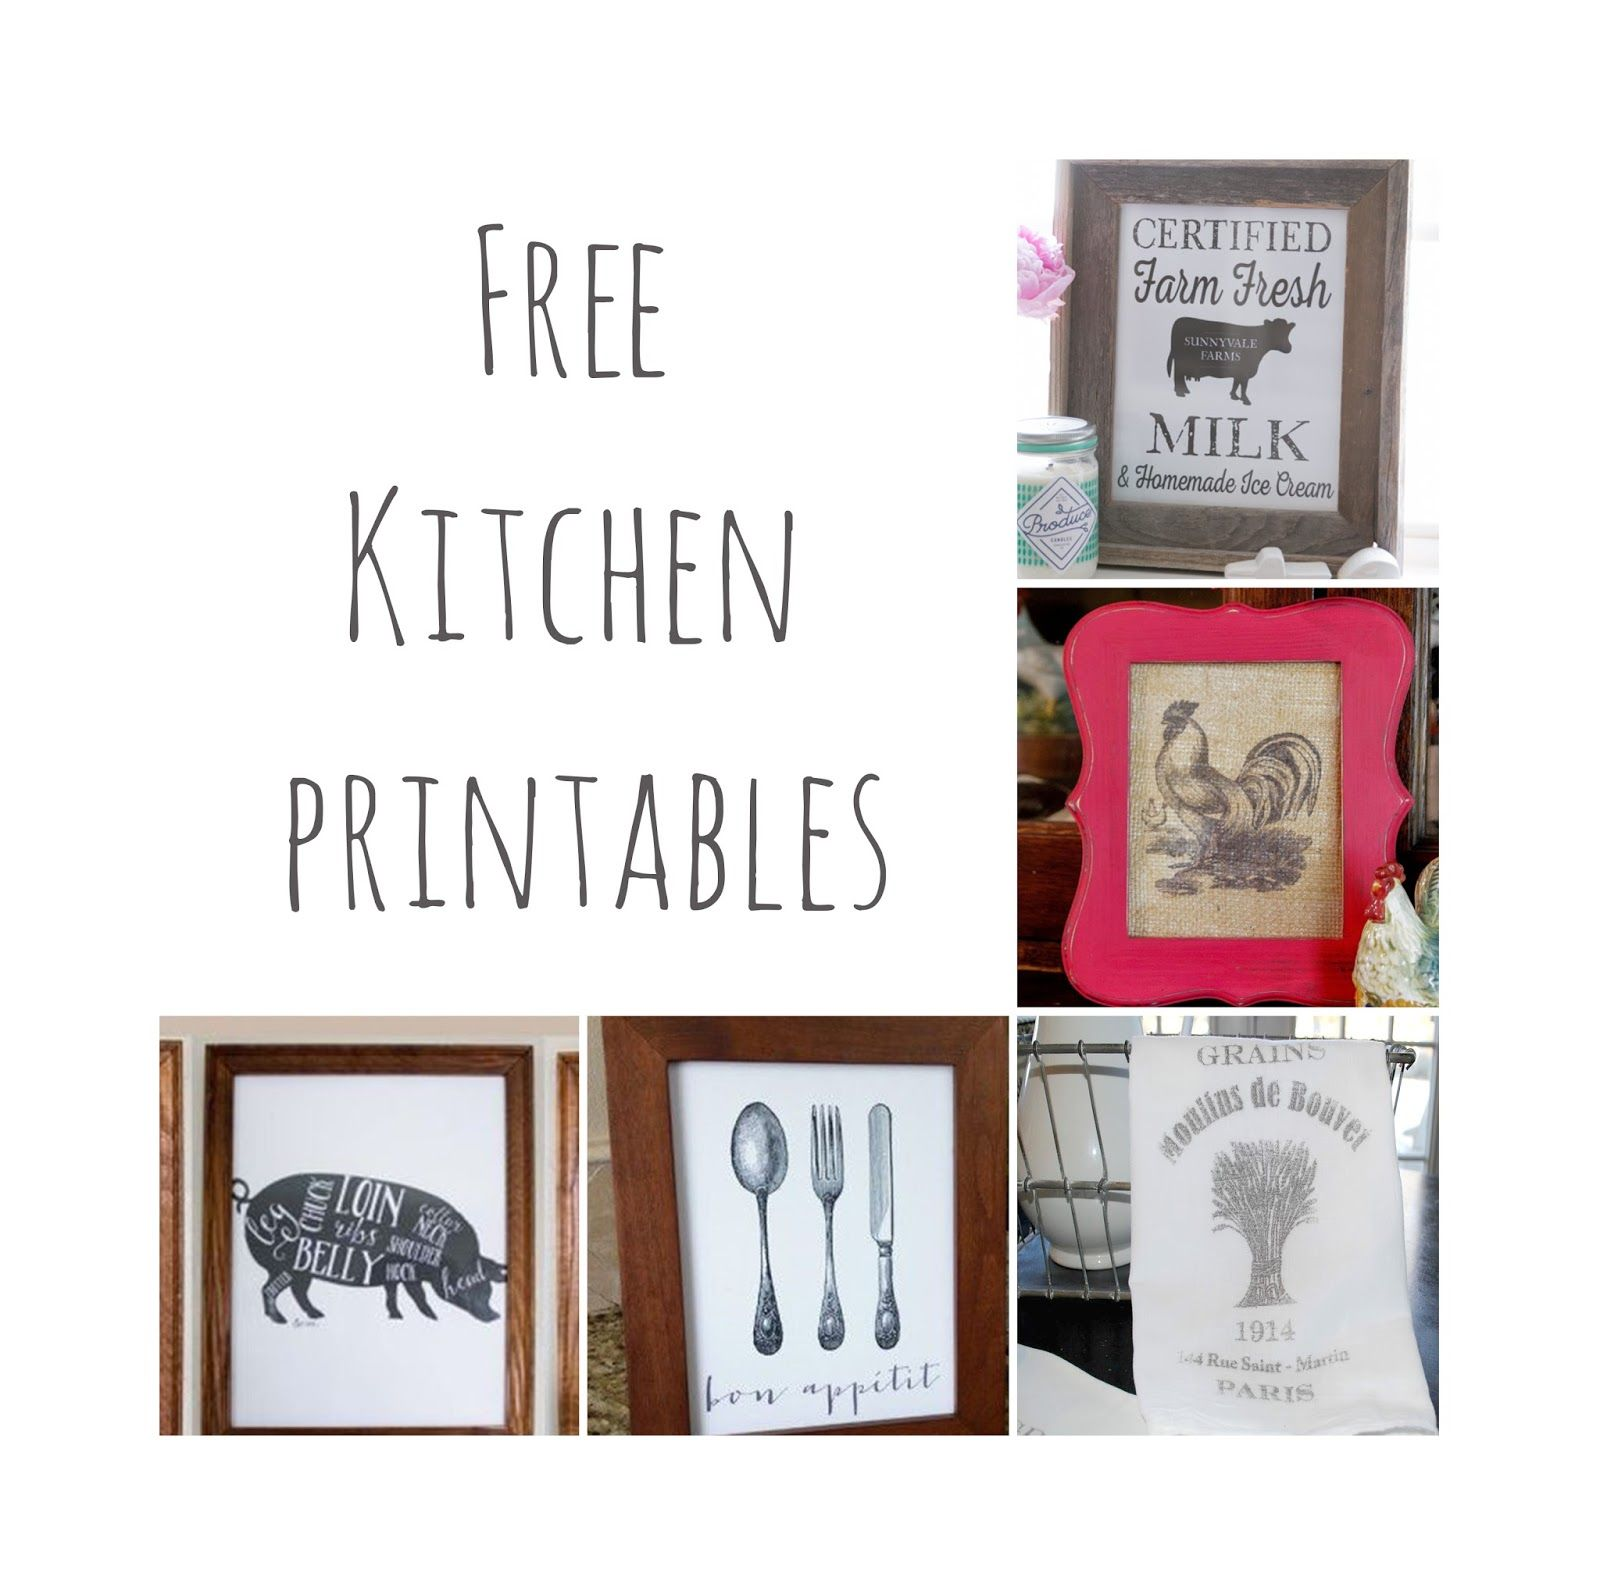 Free kitchen printables farmhouse kitchen decor the for Kitchen decor blogs